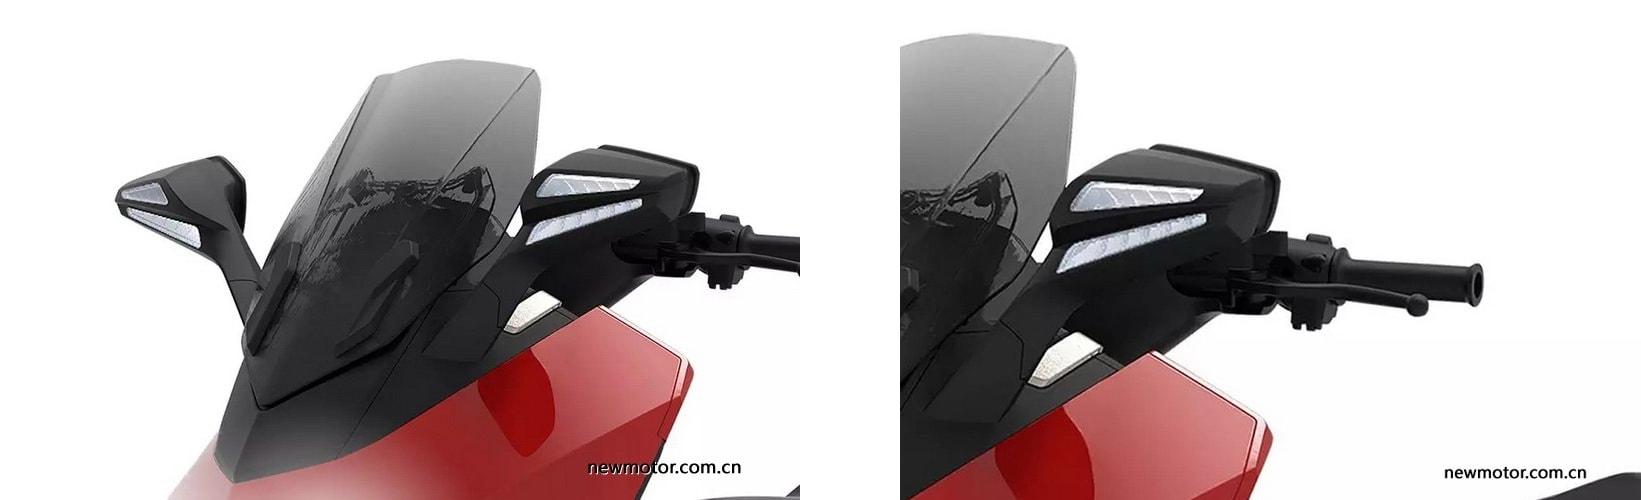 เผยภาพ TARO NECO GTX-X 300